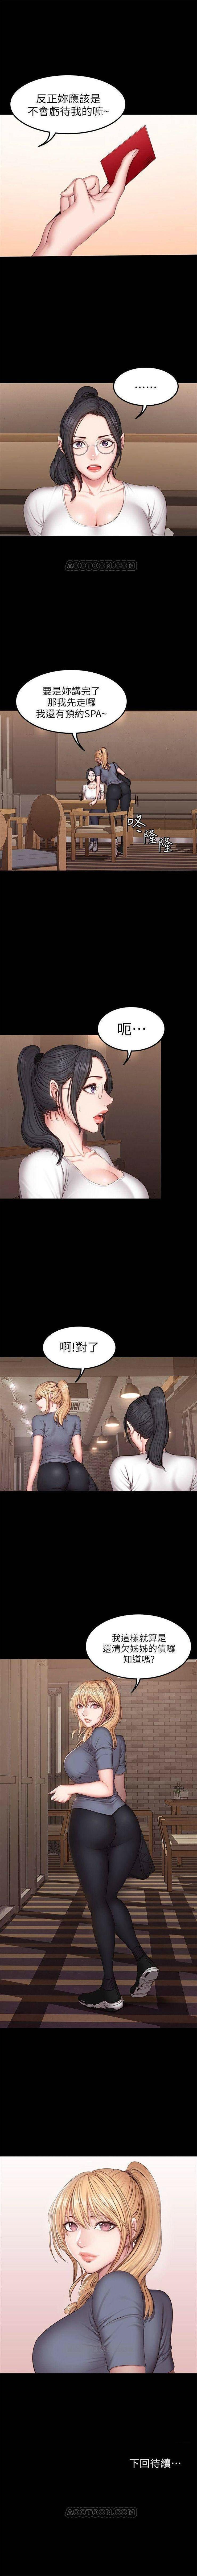 健身教練 1-56 官方中文(連載中) 182